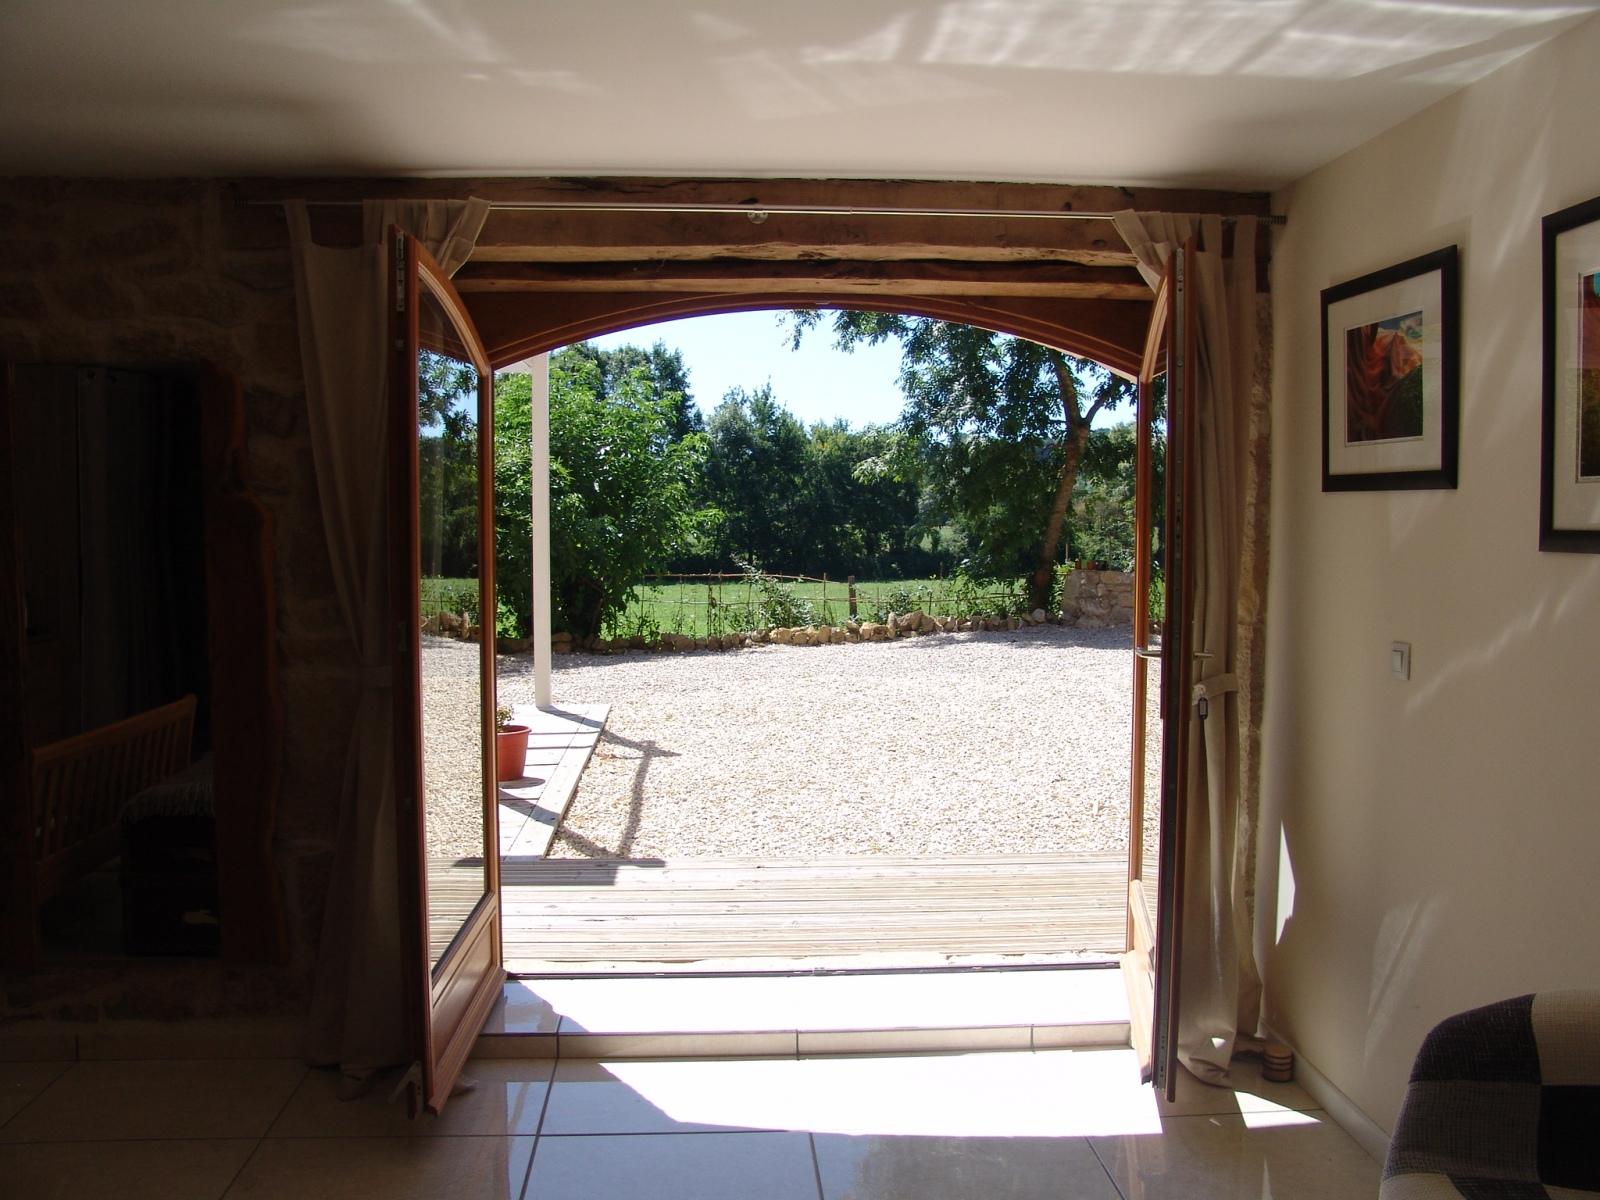 Mull-doors-open